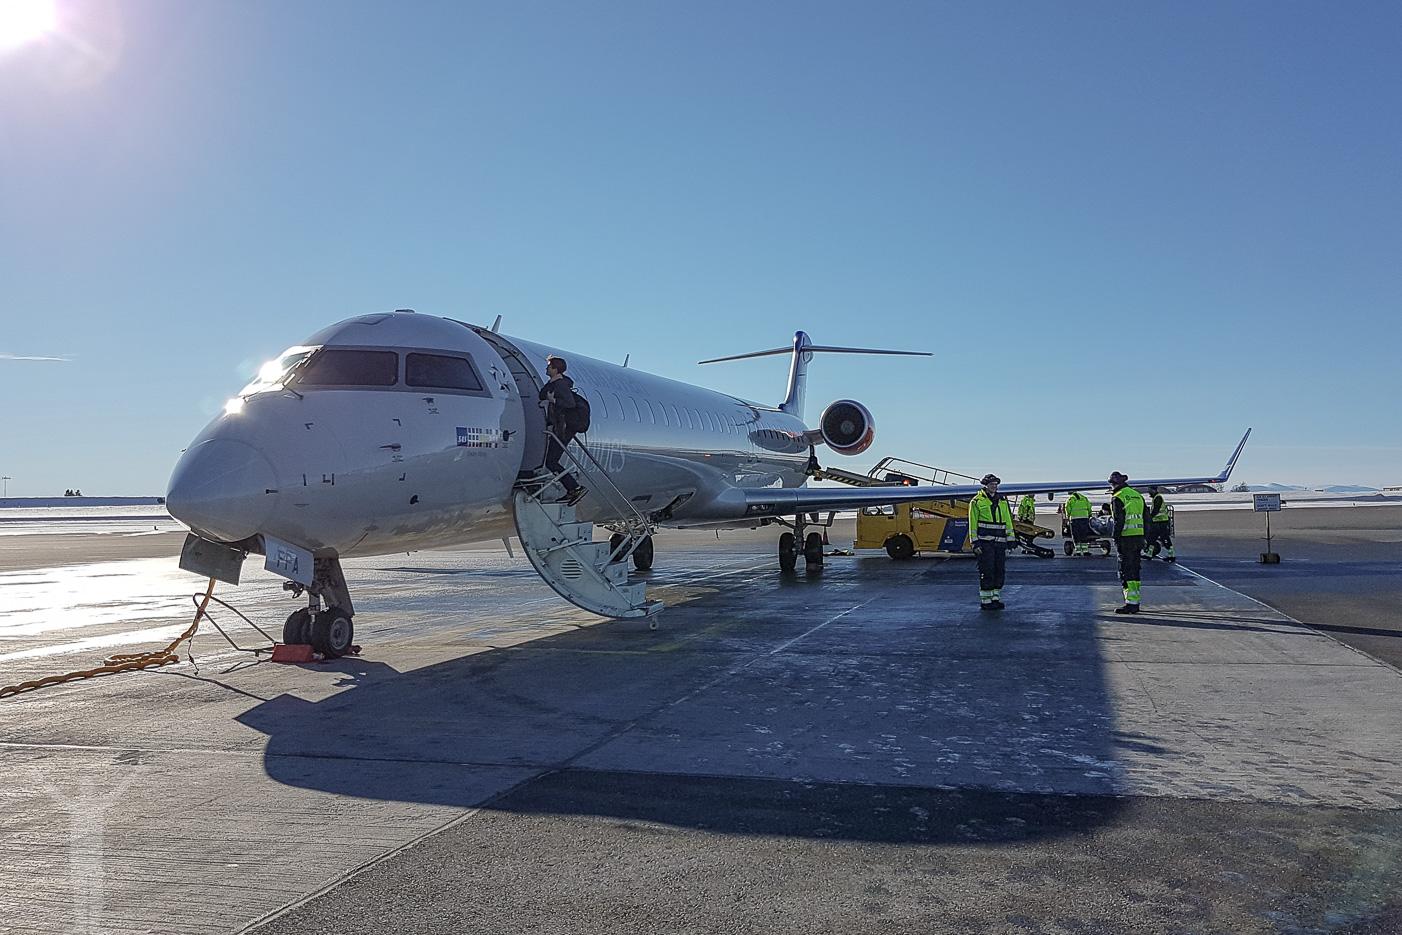 SAS / CityJet CRJ-900LR